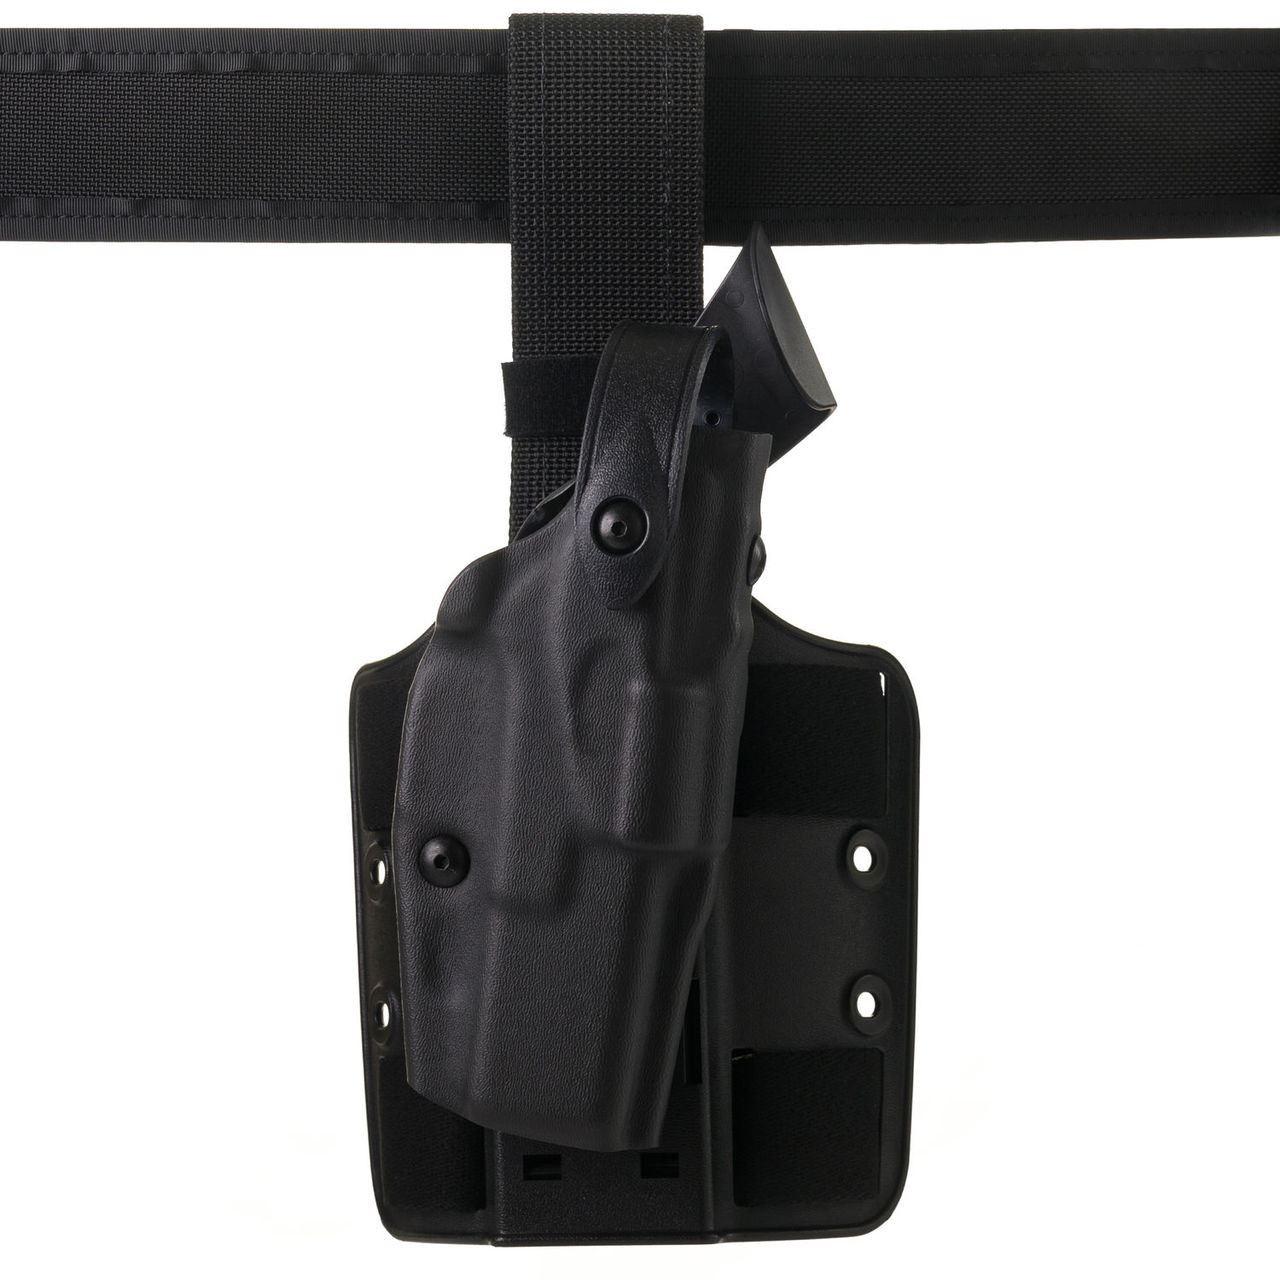 2d5f52277e46f7 Safariland ALS Drop-Rig Tactical Holster For Glock 4.6